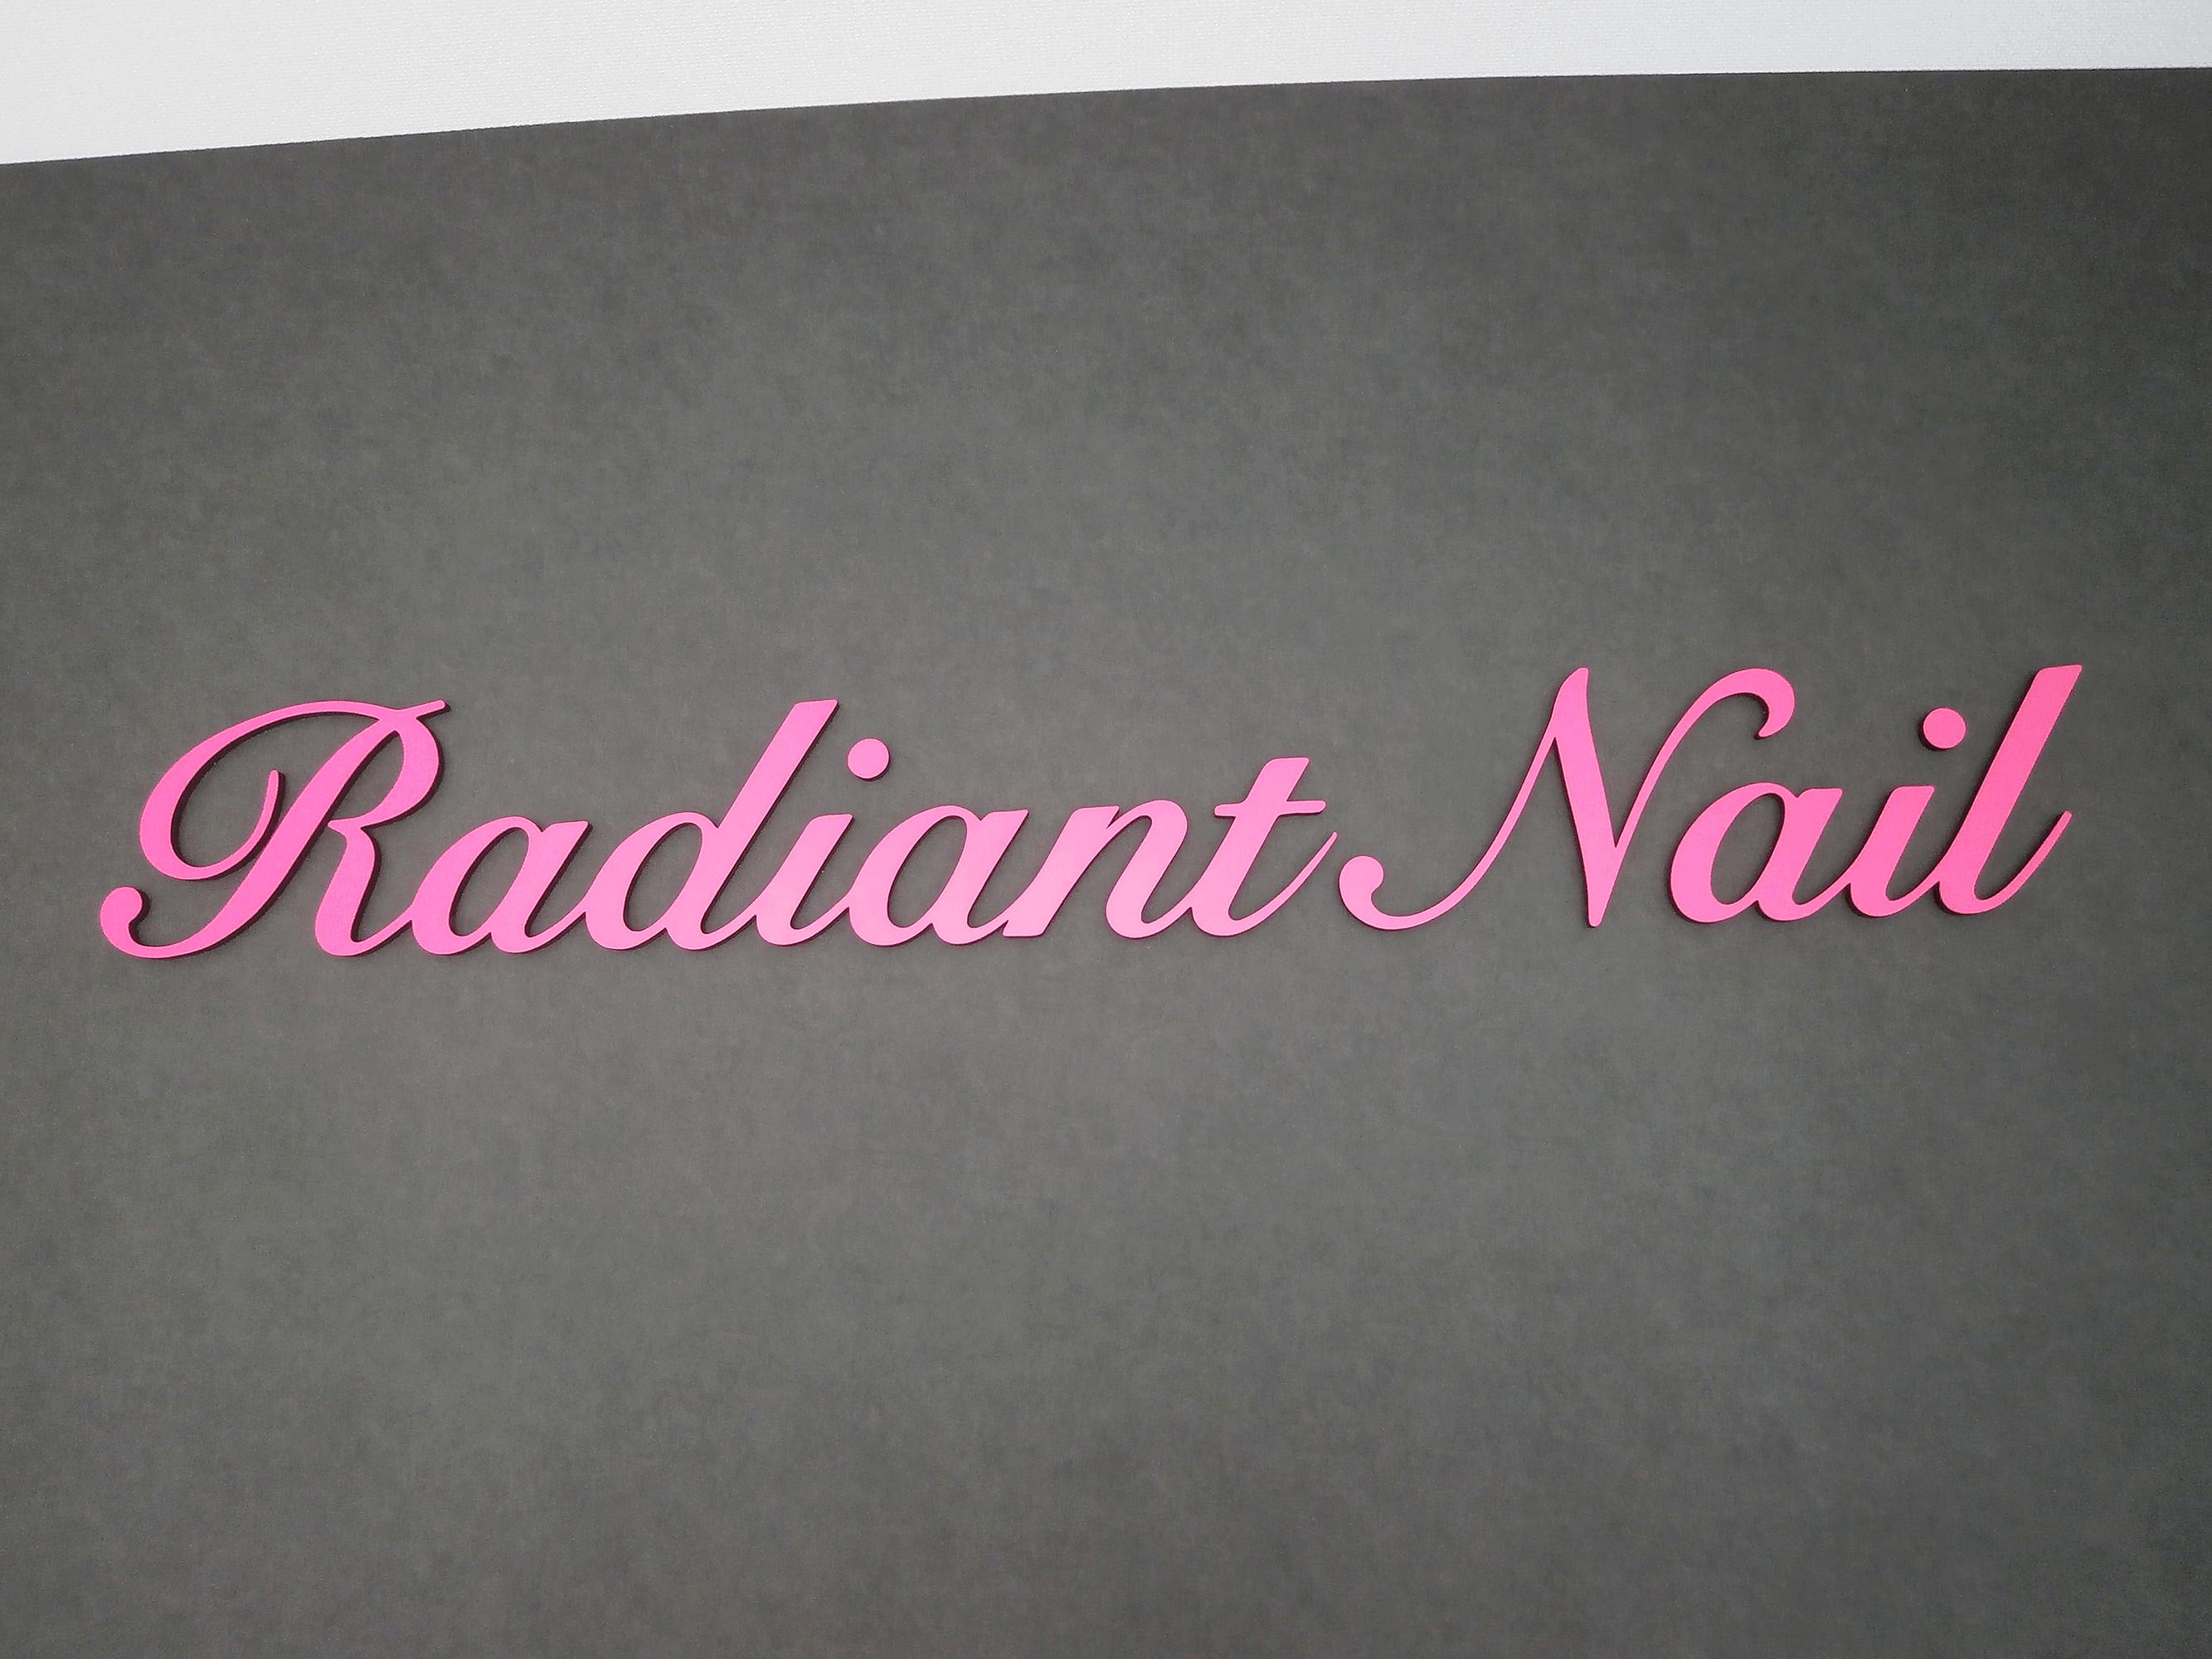 箱文字・切文字看板施工事例写真 愛知県 ネイルサロンのショップロゴを、カルプ文字にて製作させていただきました